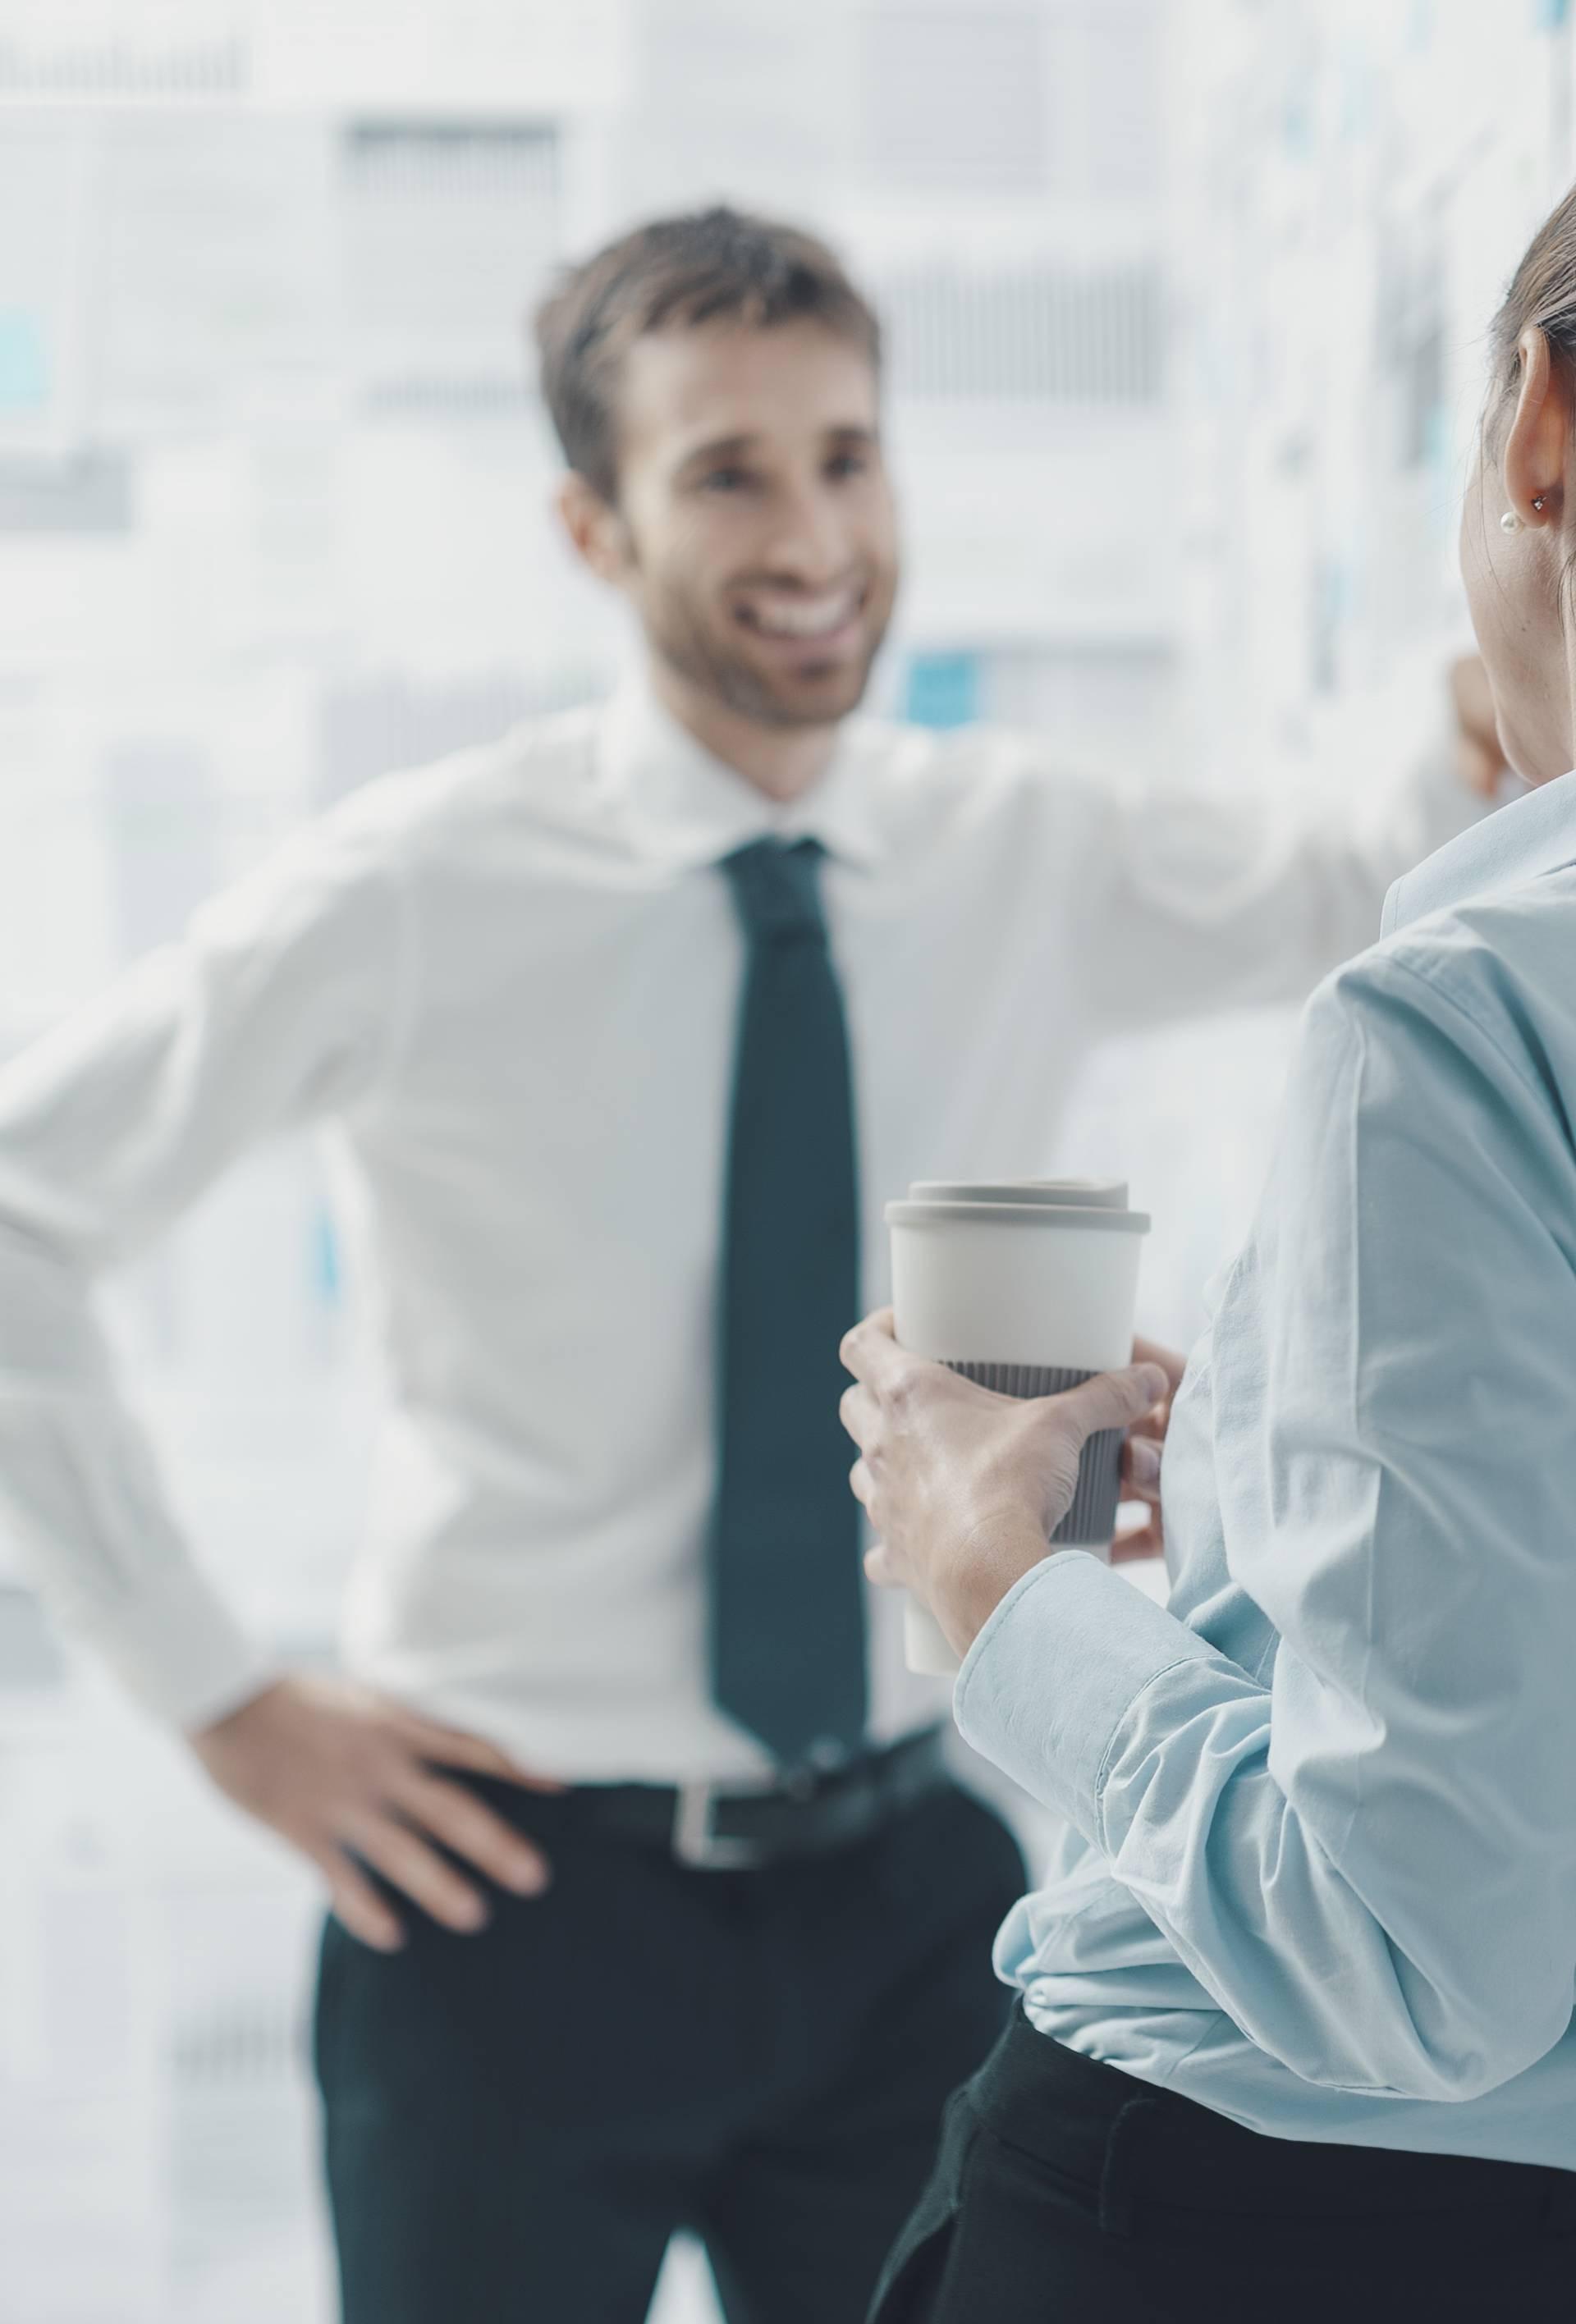 Top savjeti kako se svidjeti šefu